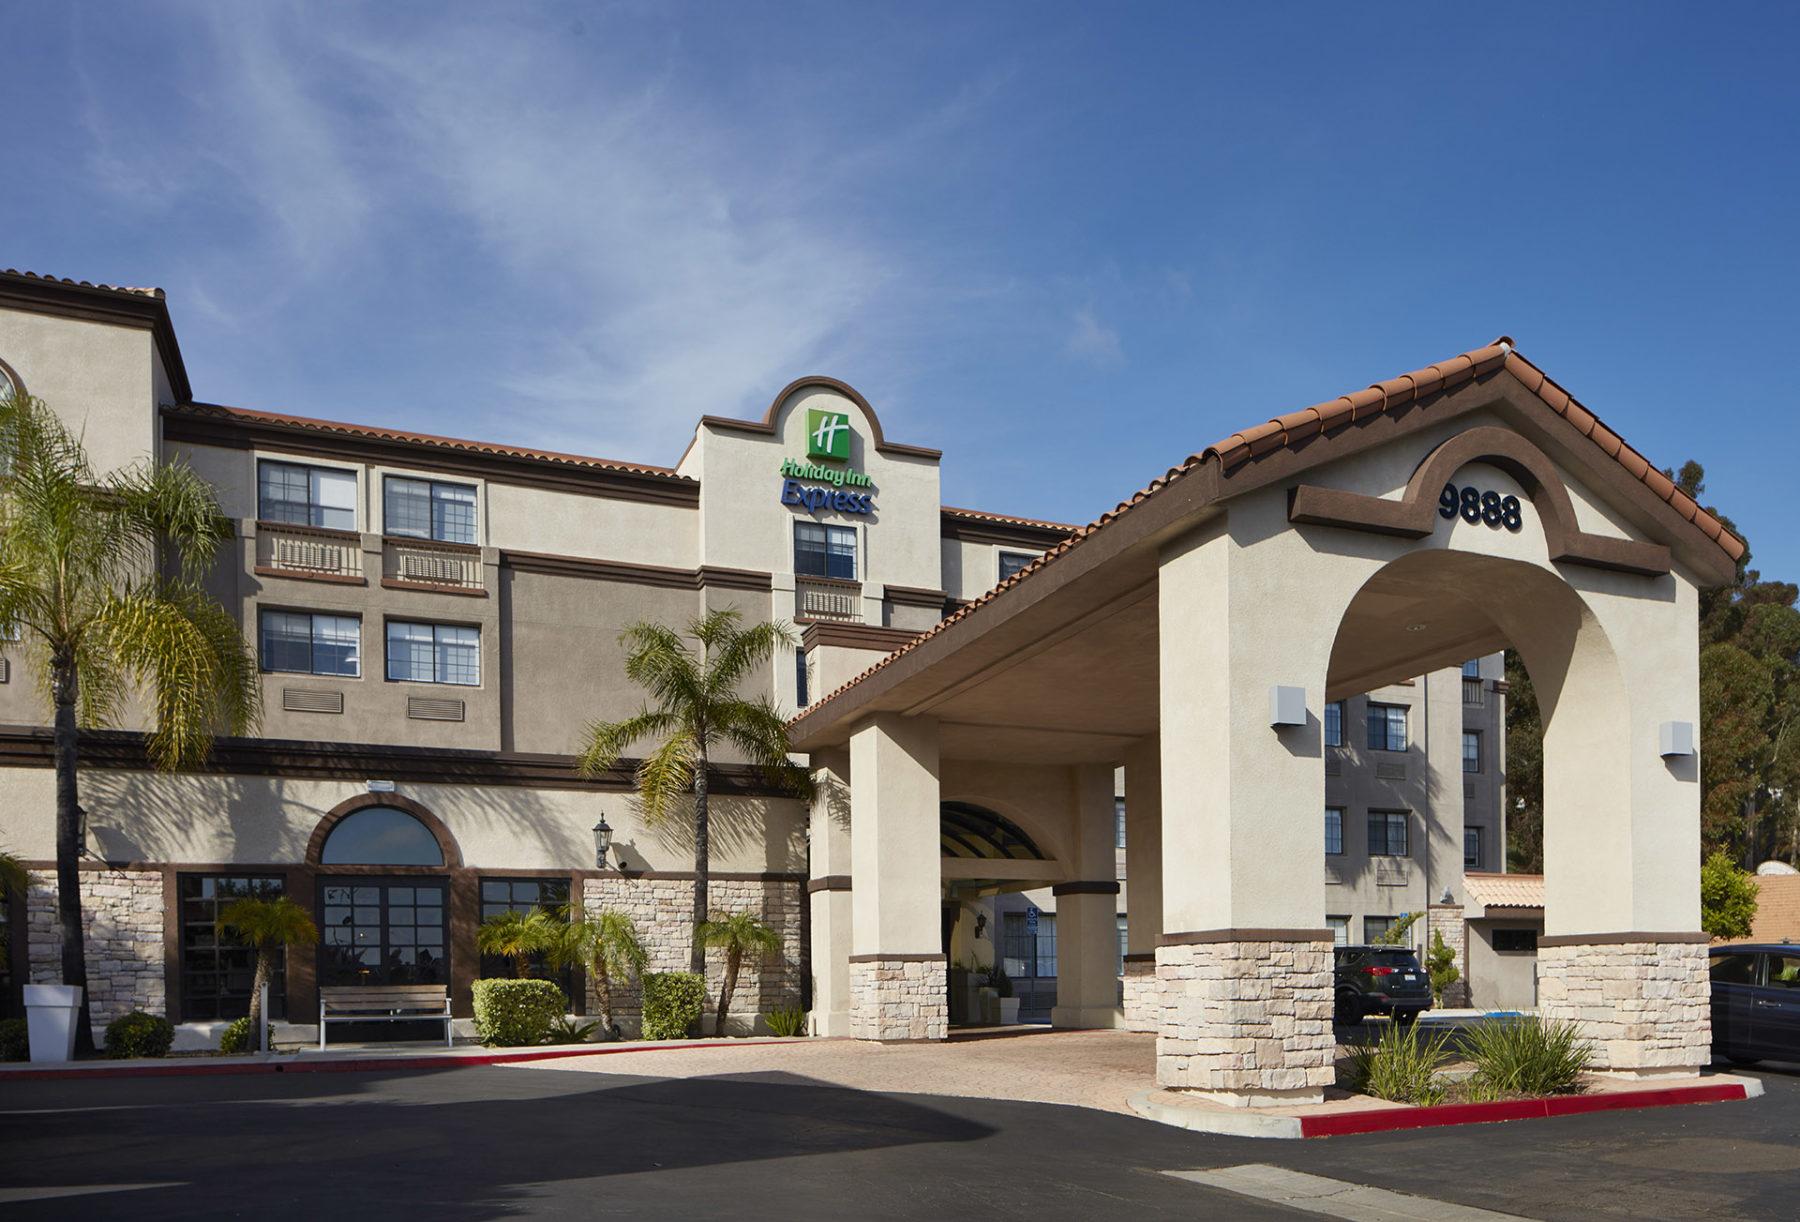 Dempsey Holiday Inn Mira Mesa